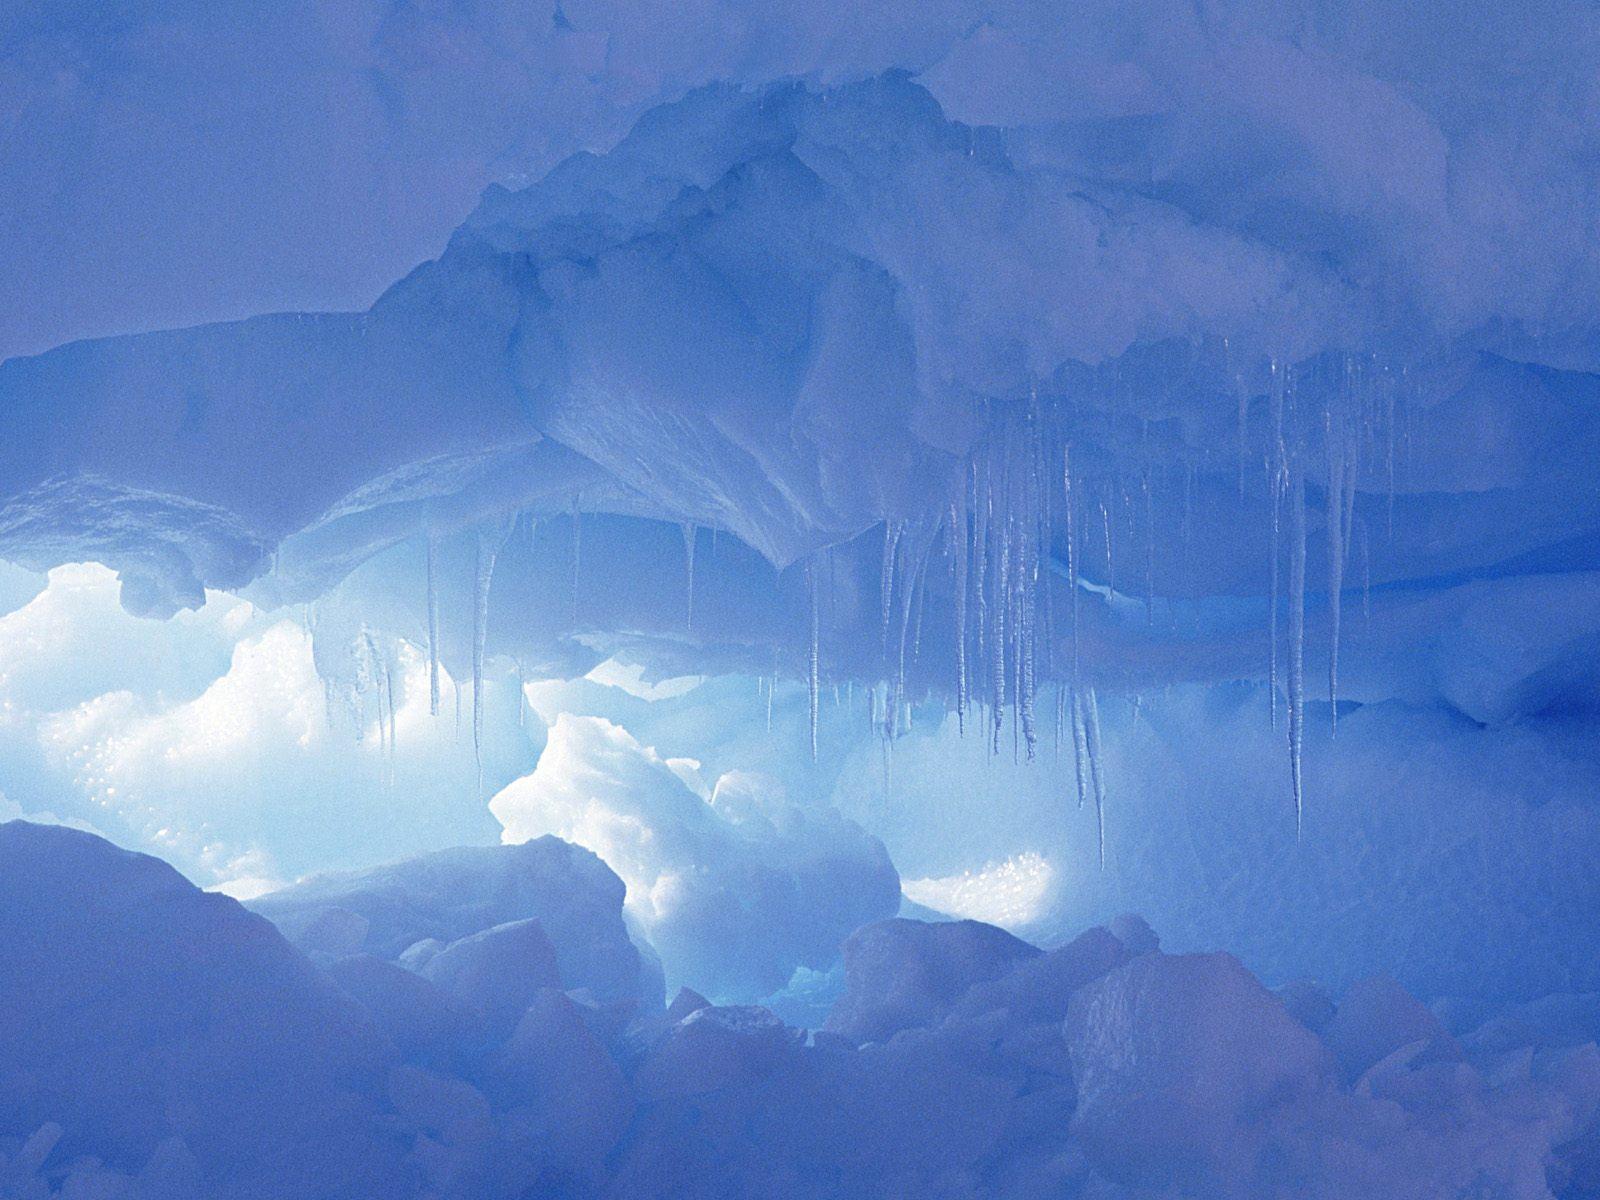 Cold Weather Wallpaper Wallpapersafari